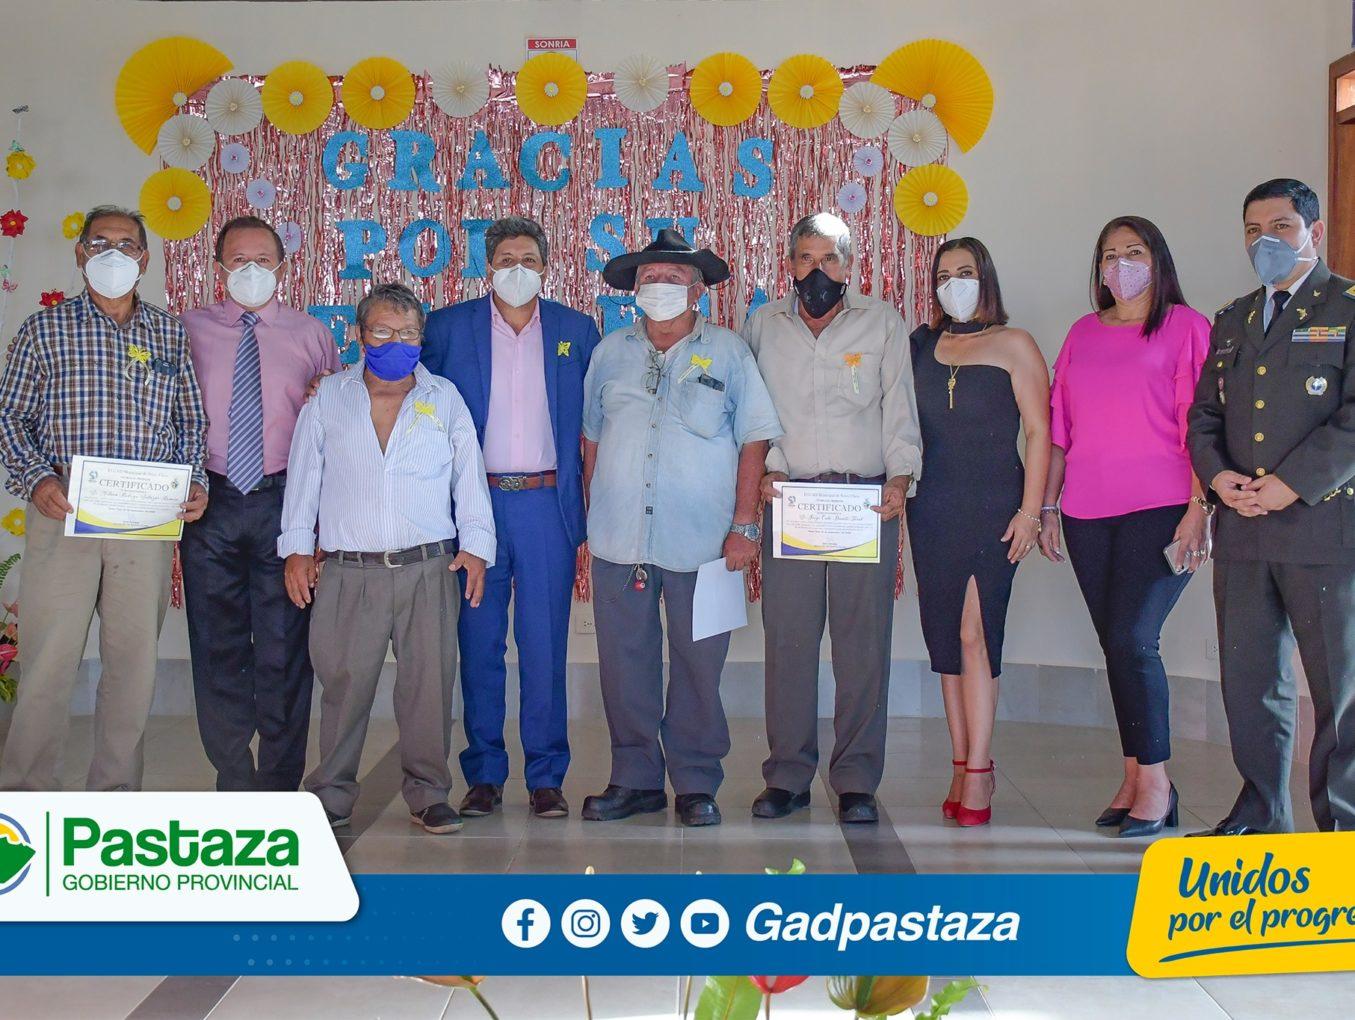 Prefecto participó en despedida de funcionarios del GADM Santa Clara que cumplieron su ciclo como servidores públicos